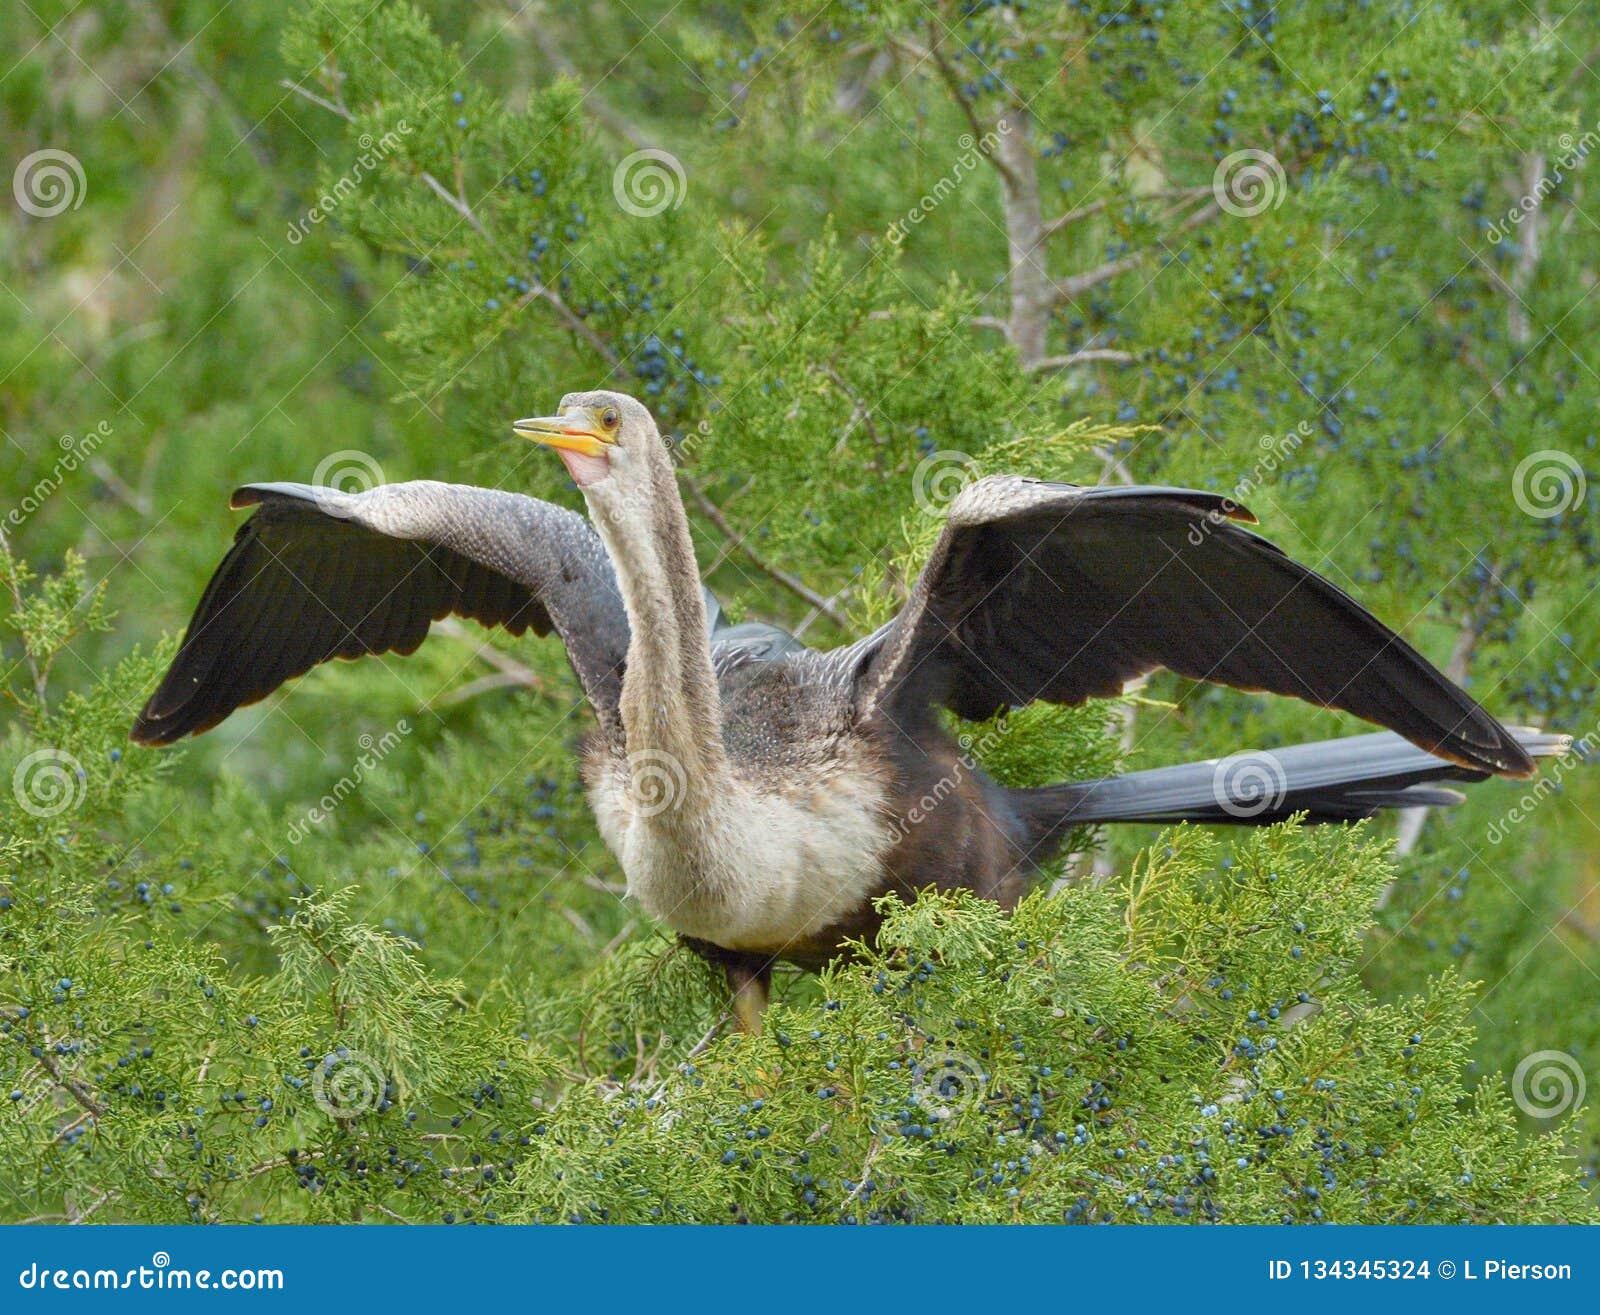 Последовательные пикирования раздражают пер американской змеешейки, требуя, что птица потратила много из свой прихорашиваться вре